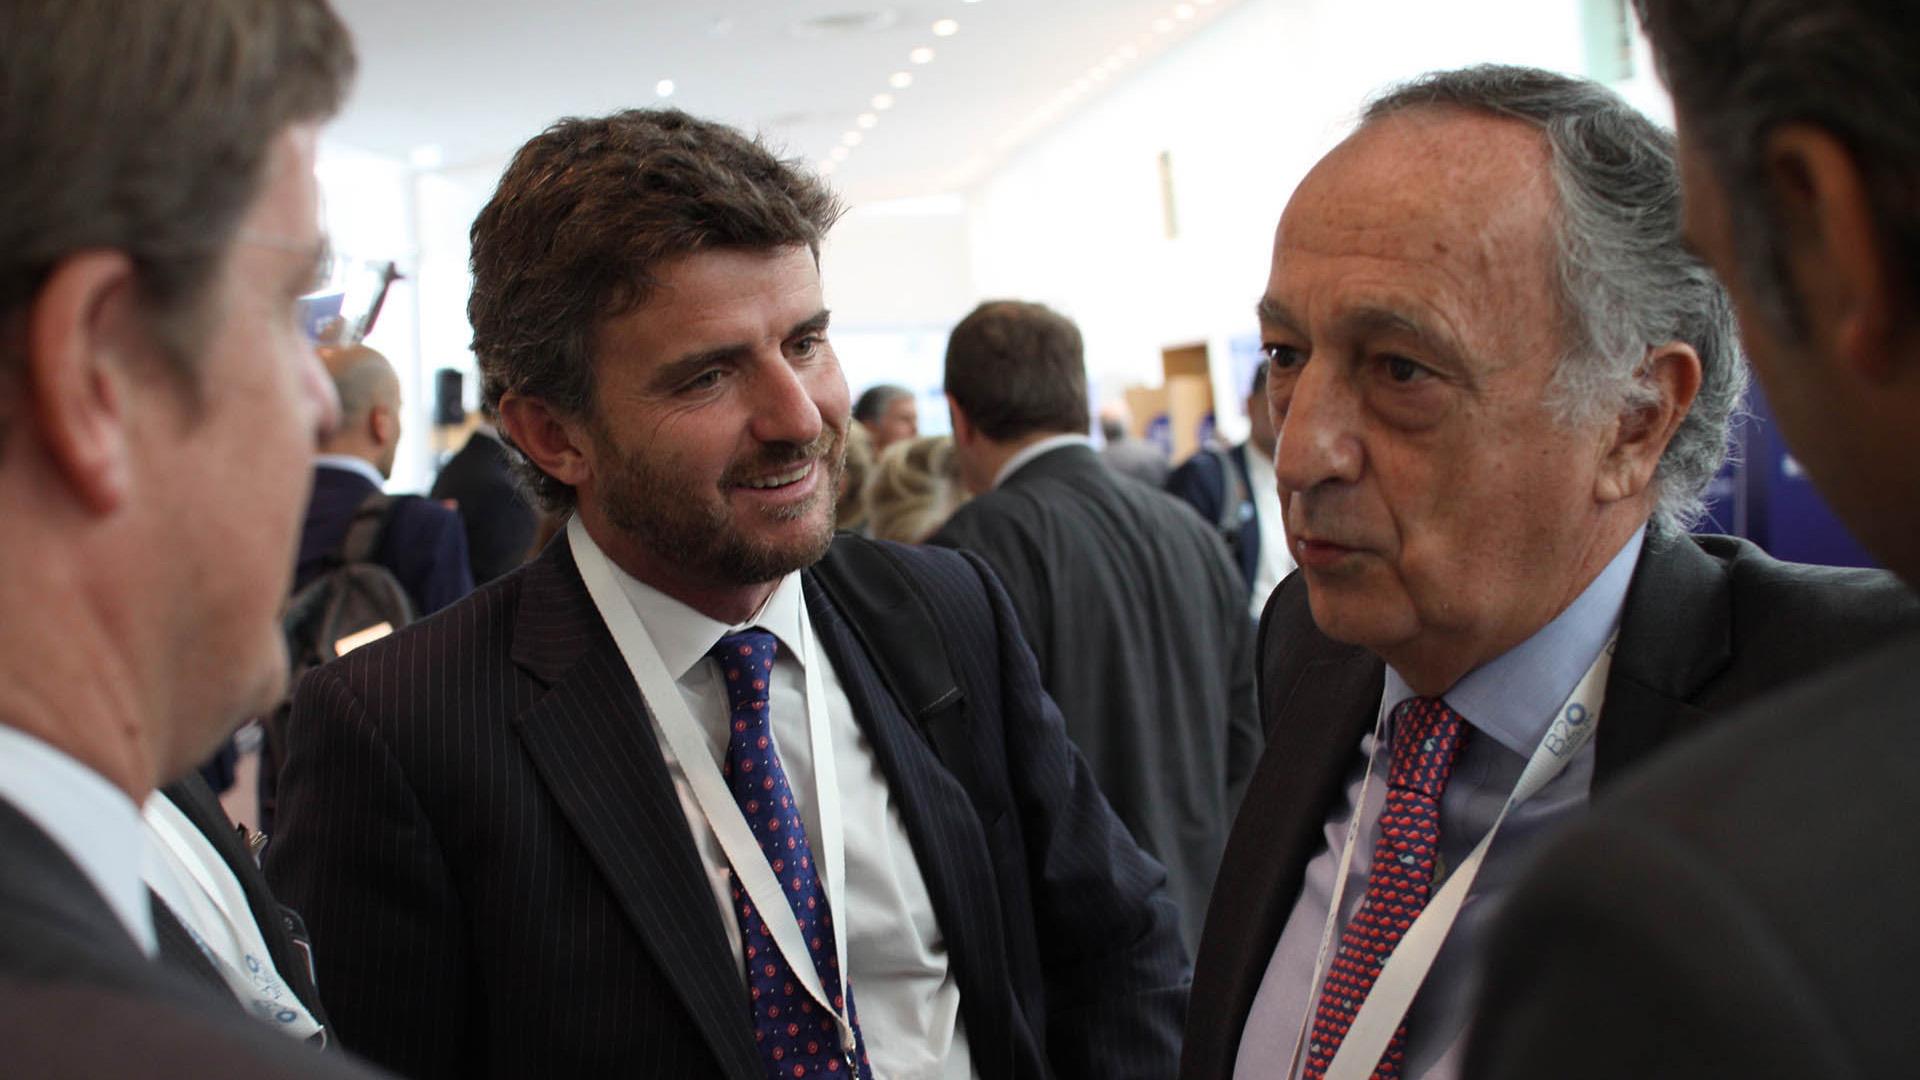 Nicolás Masjuan, partner de Bain & Company; y Miguel Acevedo, presidente de la UIA